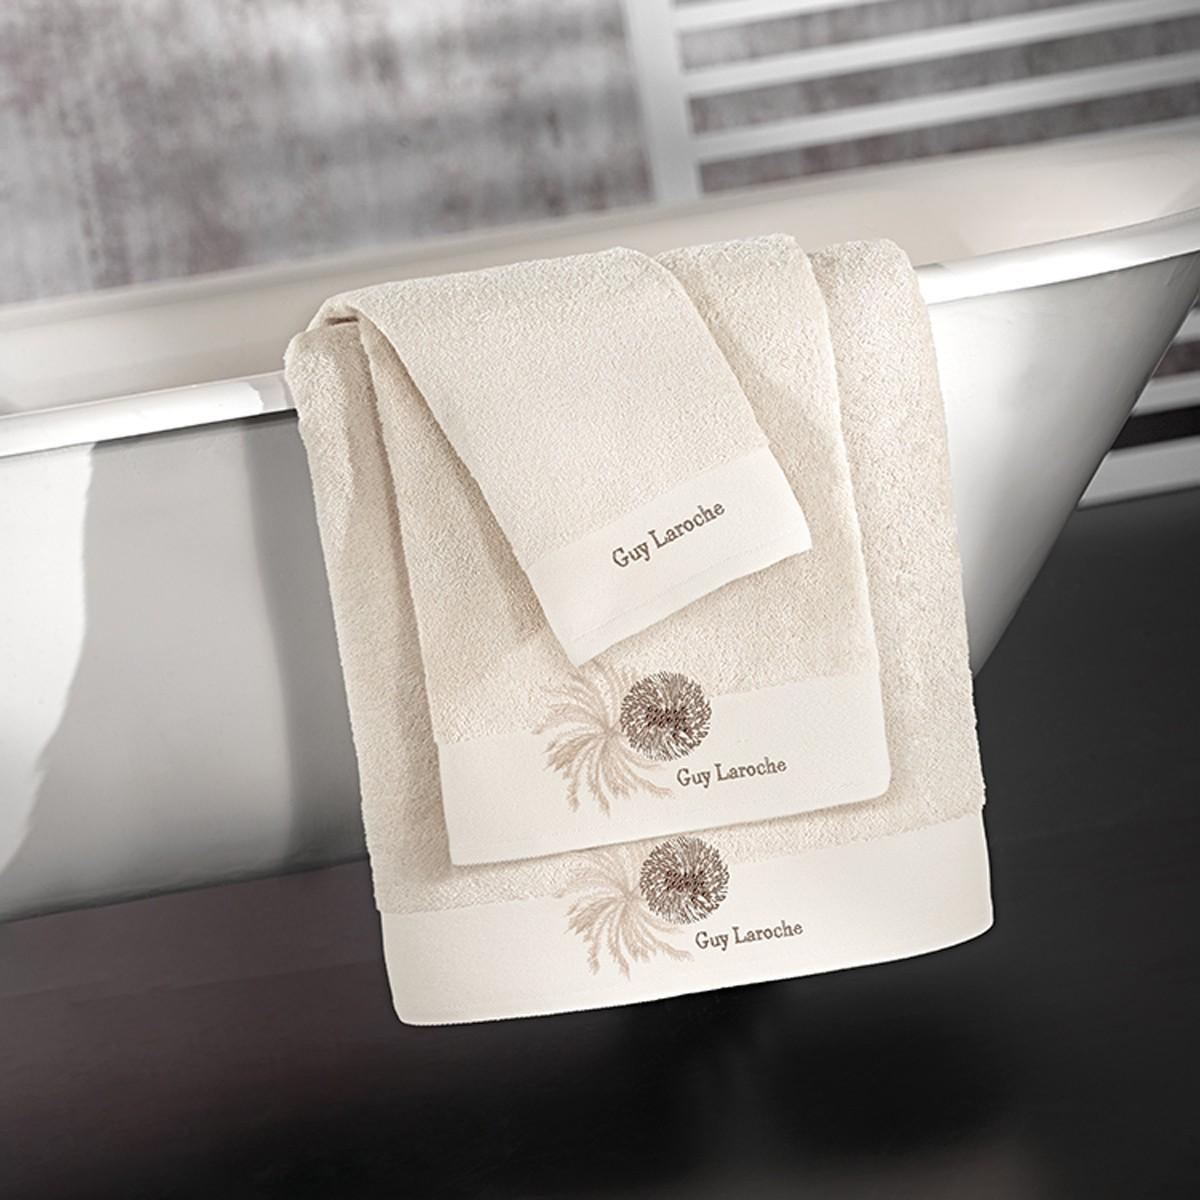 Πετσέτες Μπάνιου (Σετ 3τμχ) Guy Laroche Ofelia Ivory